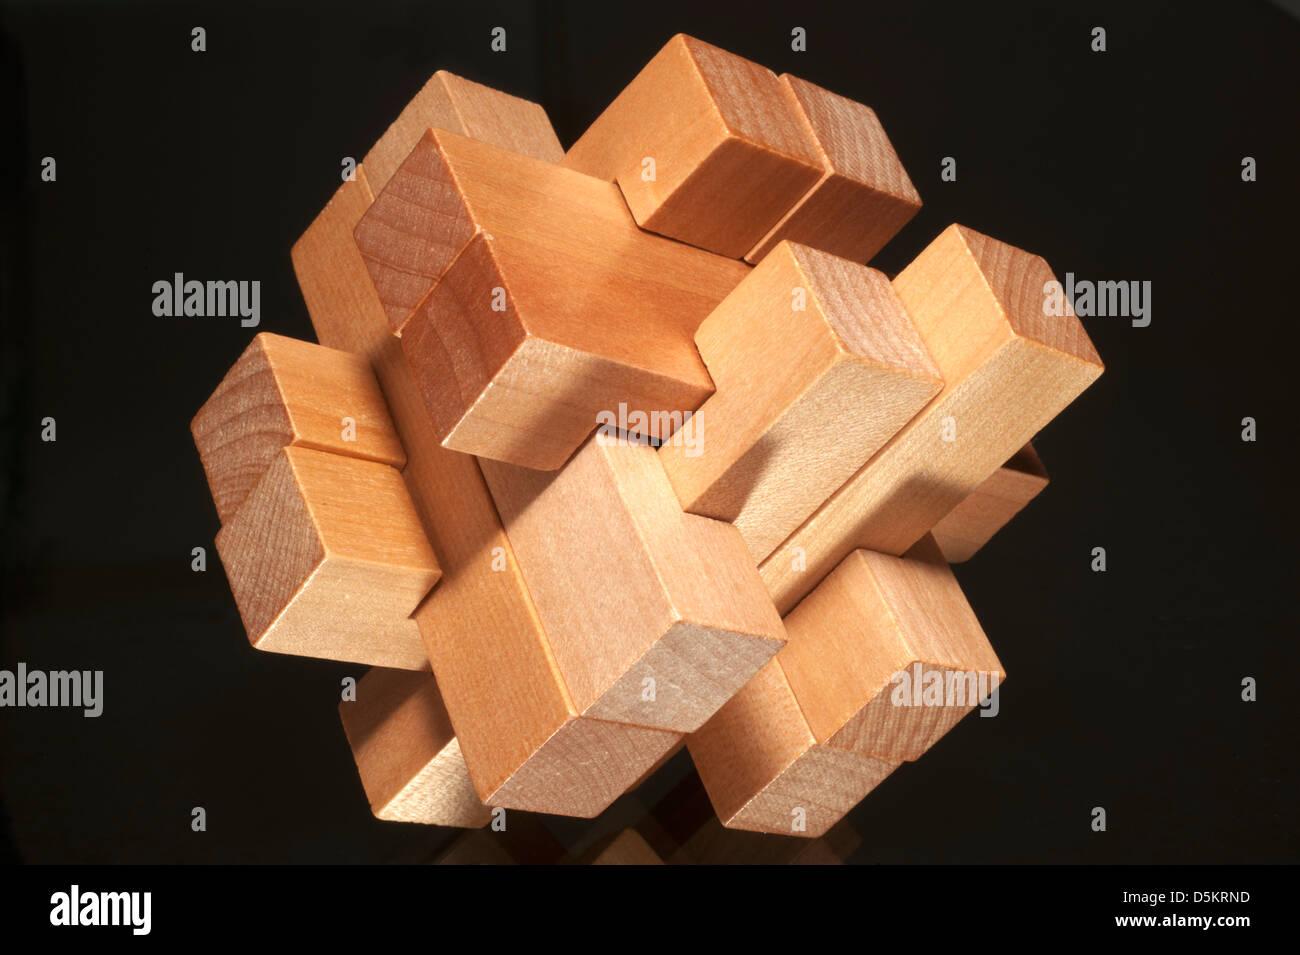 Bausteine bilden eine herausfordernde Puzzle auf schwarzem Hintergrund isoliert Stockbild